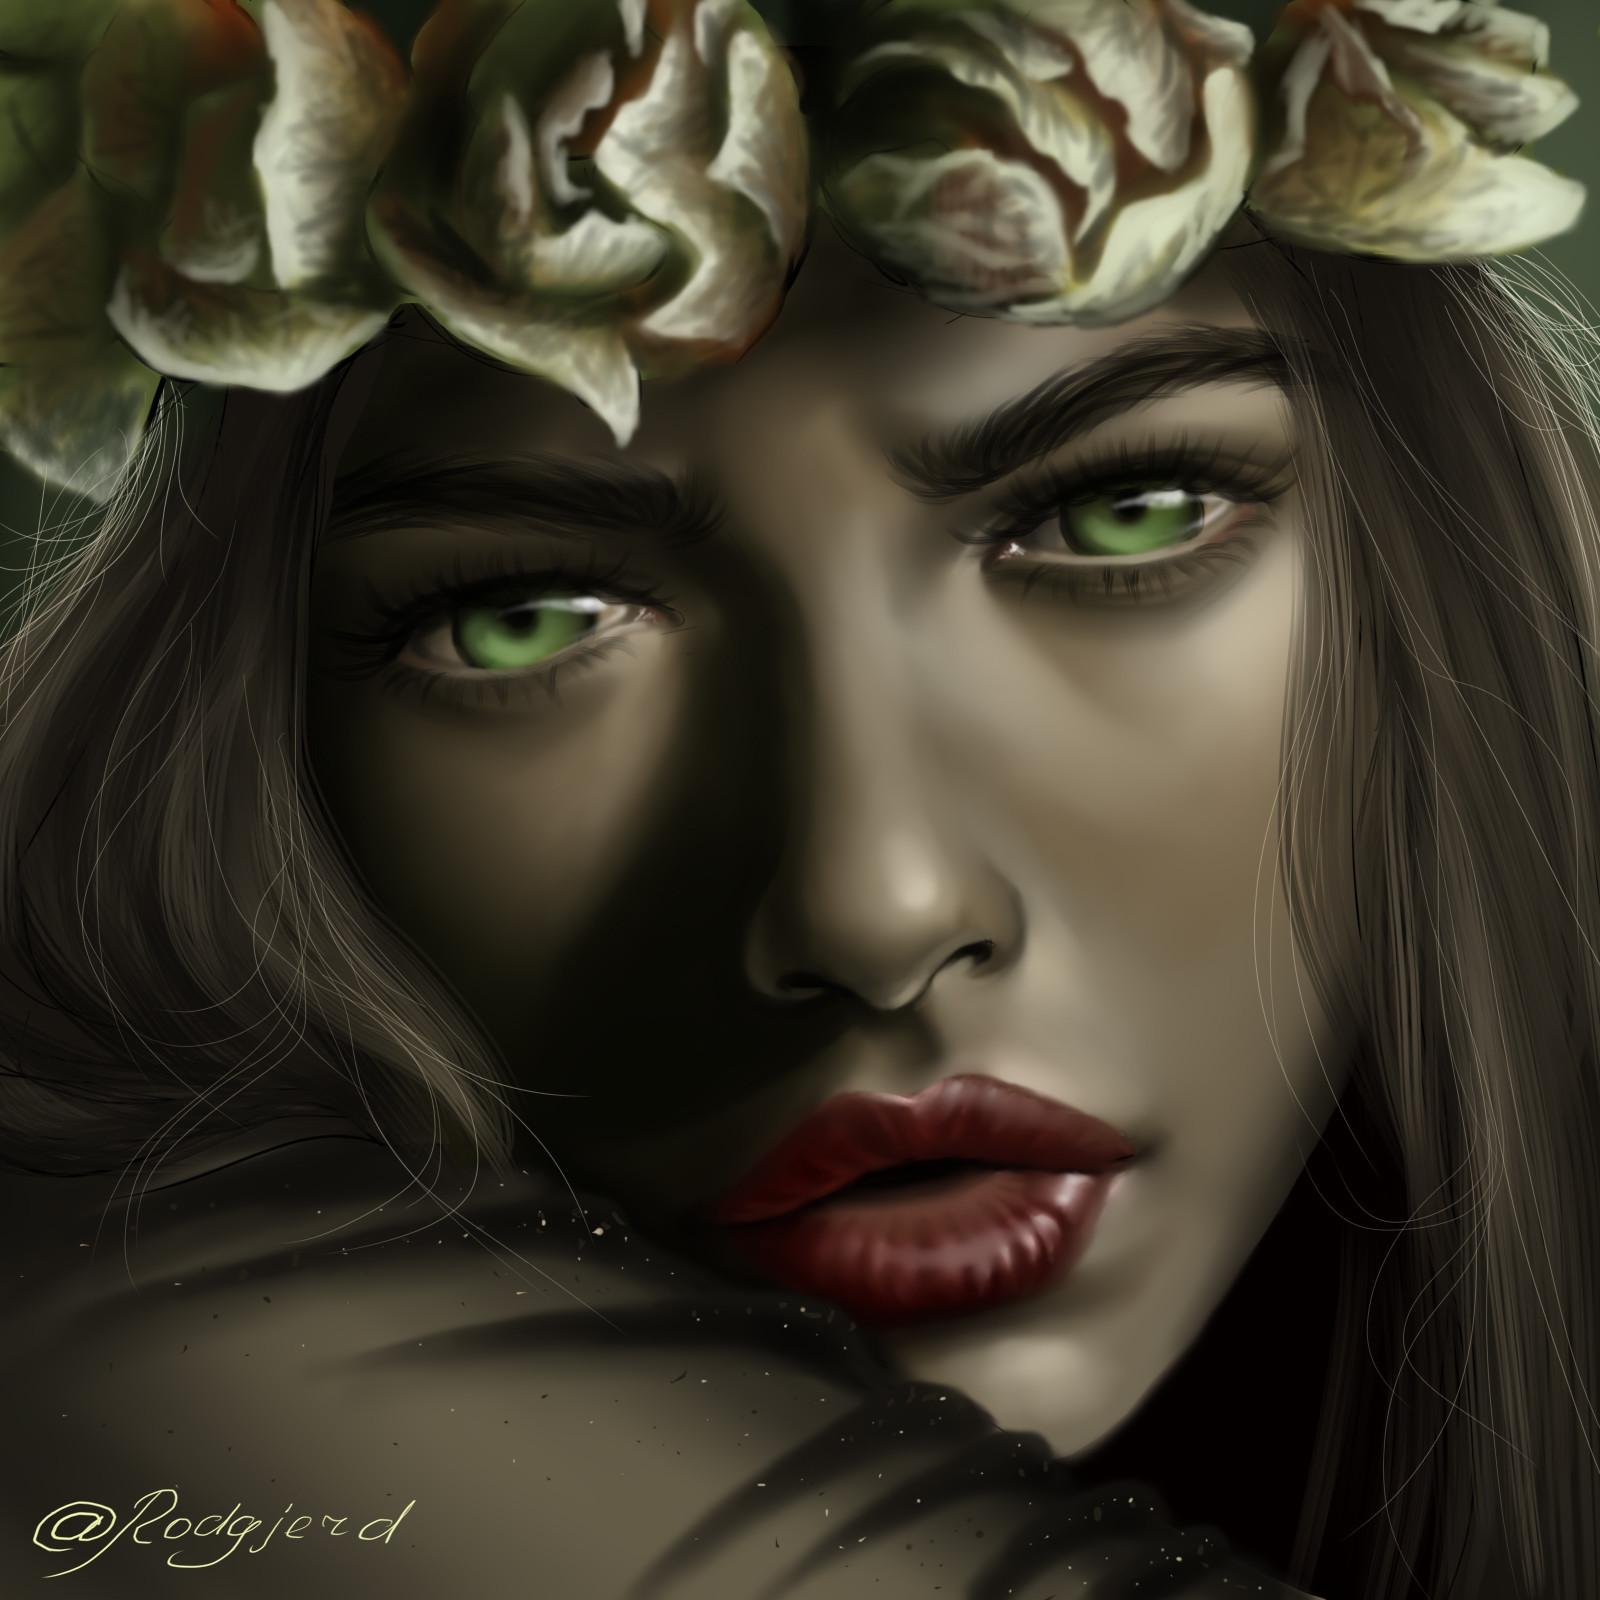 раздела изображения картинка зеленоглазой ведьмы еще бывает